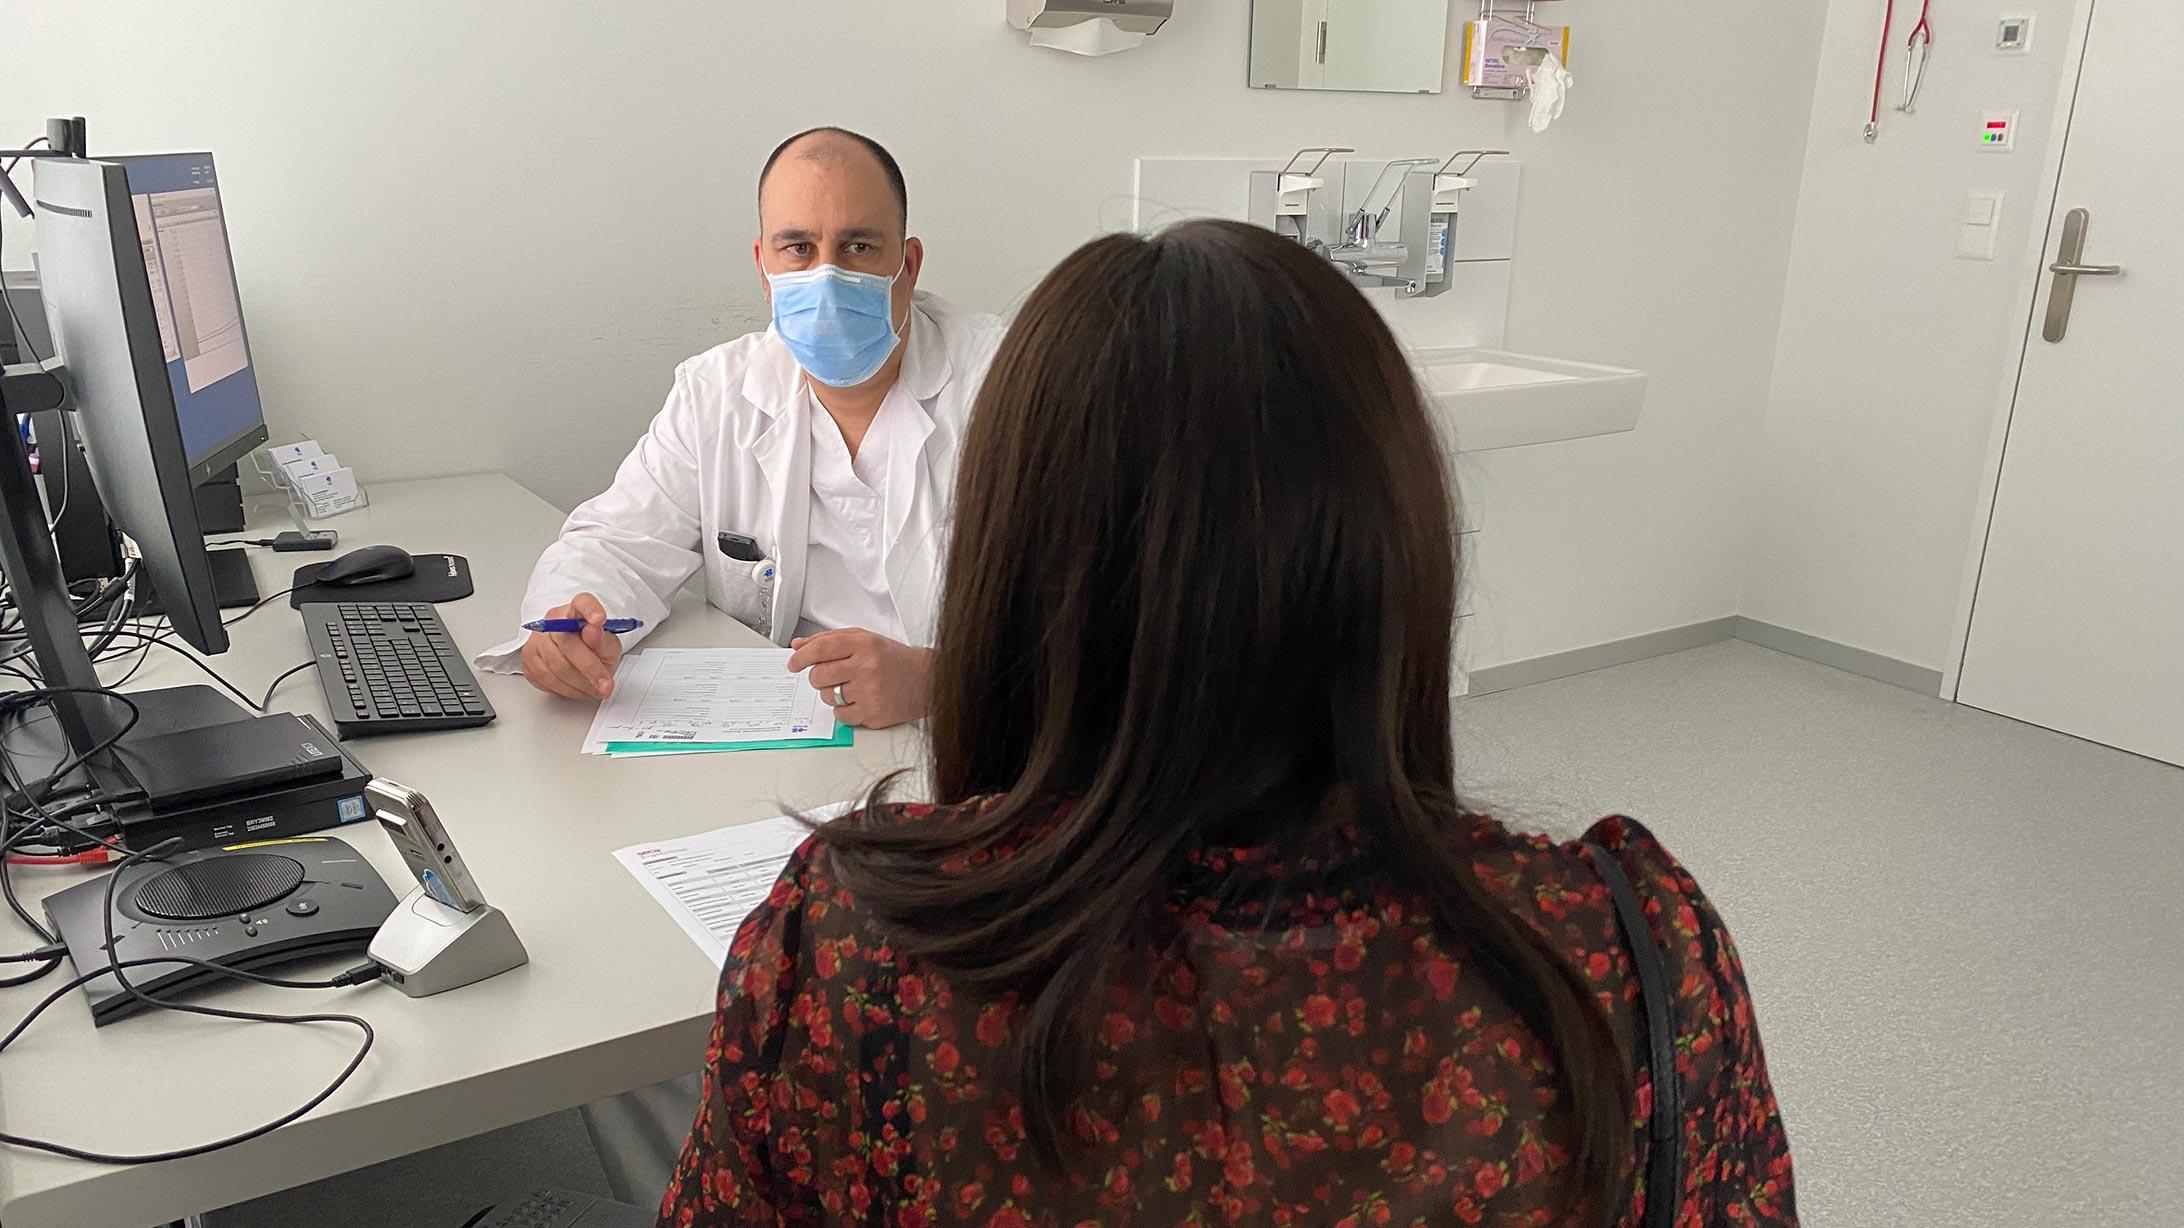 Gespräch zwischen der Patientin mit einem Schlauchmagen und dem behandelnden Arzt.